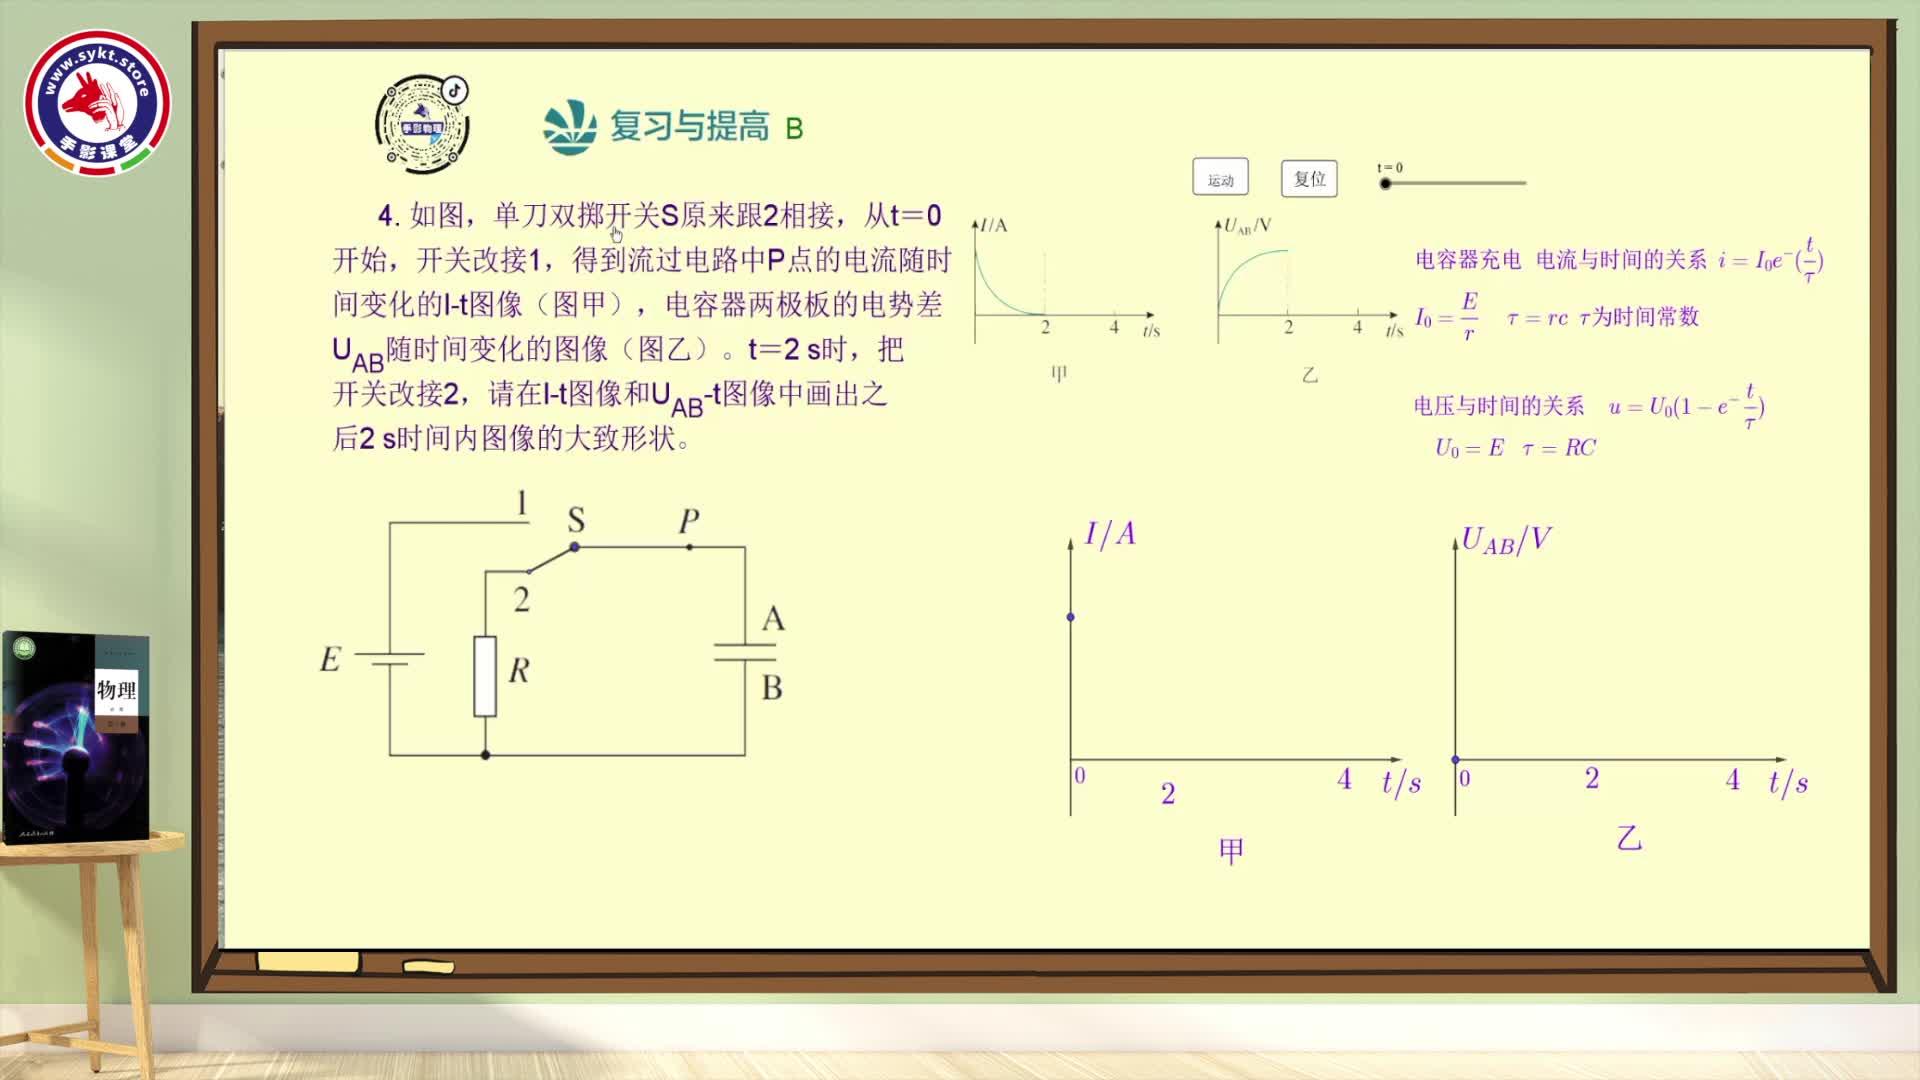 (视频)第十章 静电场中的能量—复习与提高B组第4题(习题精讲)-【手影物理】2021版高中物理必修第三册(人教版)